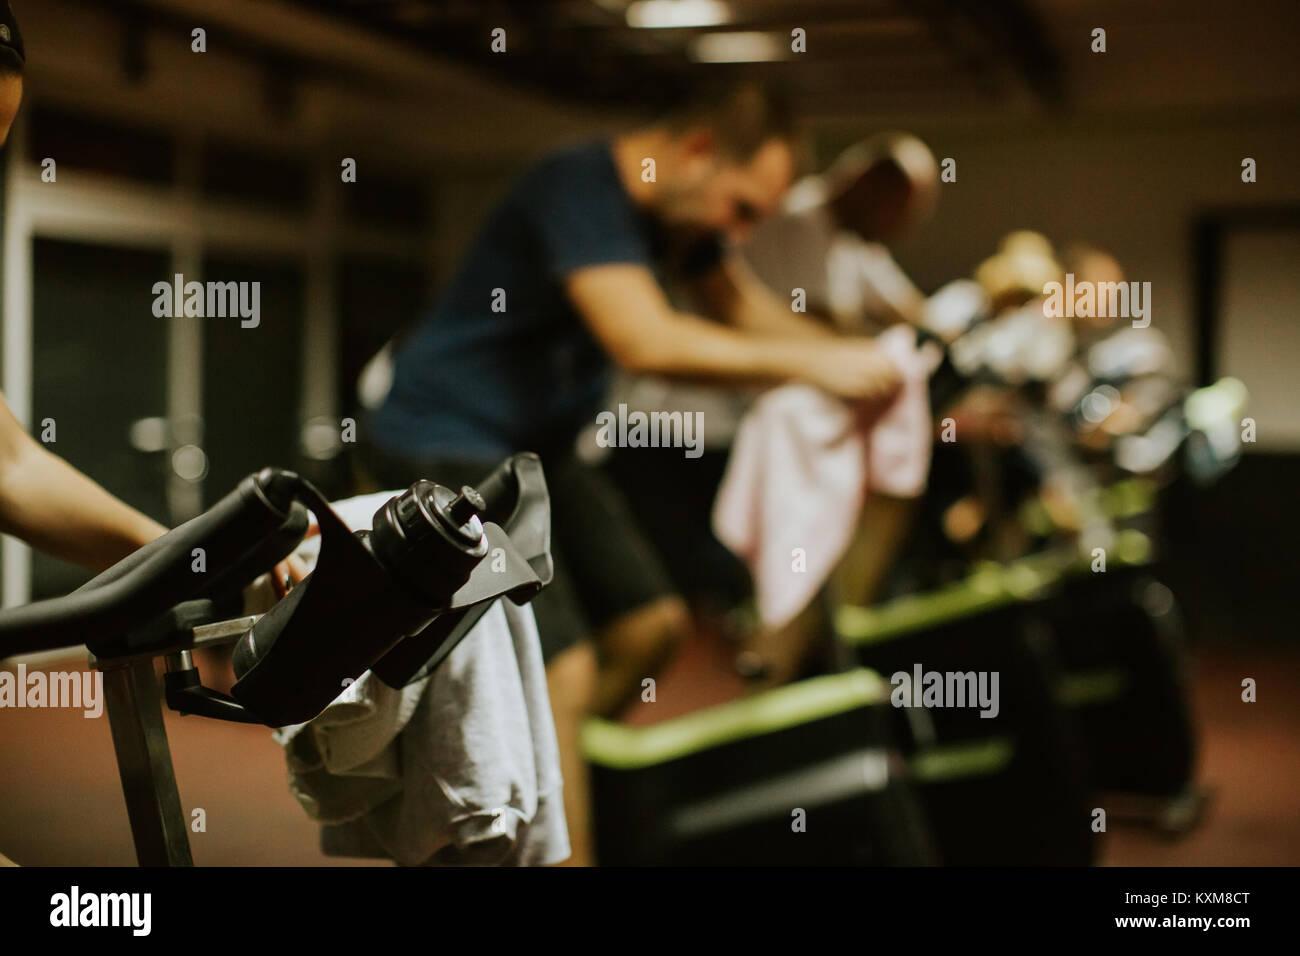 Groupe classe vélo à l'intérieur. D'entraînement de forme physique de Weightloss Photo Stock